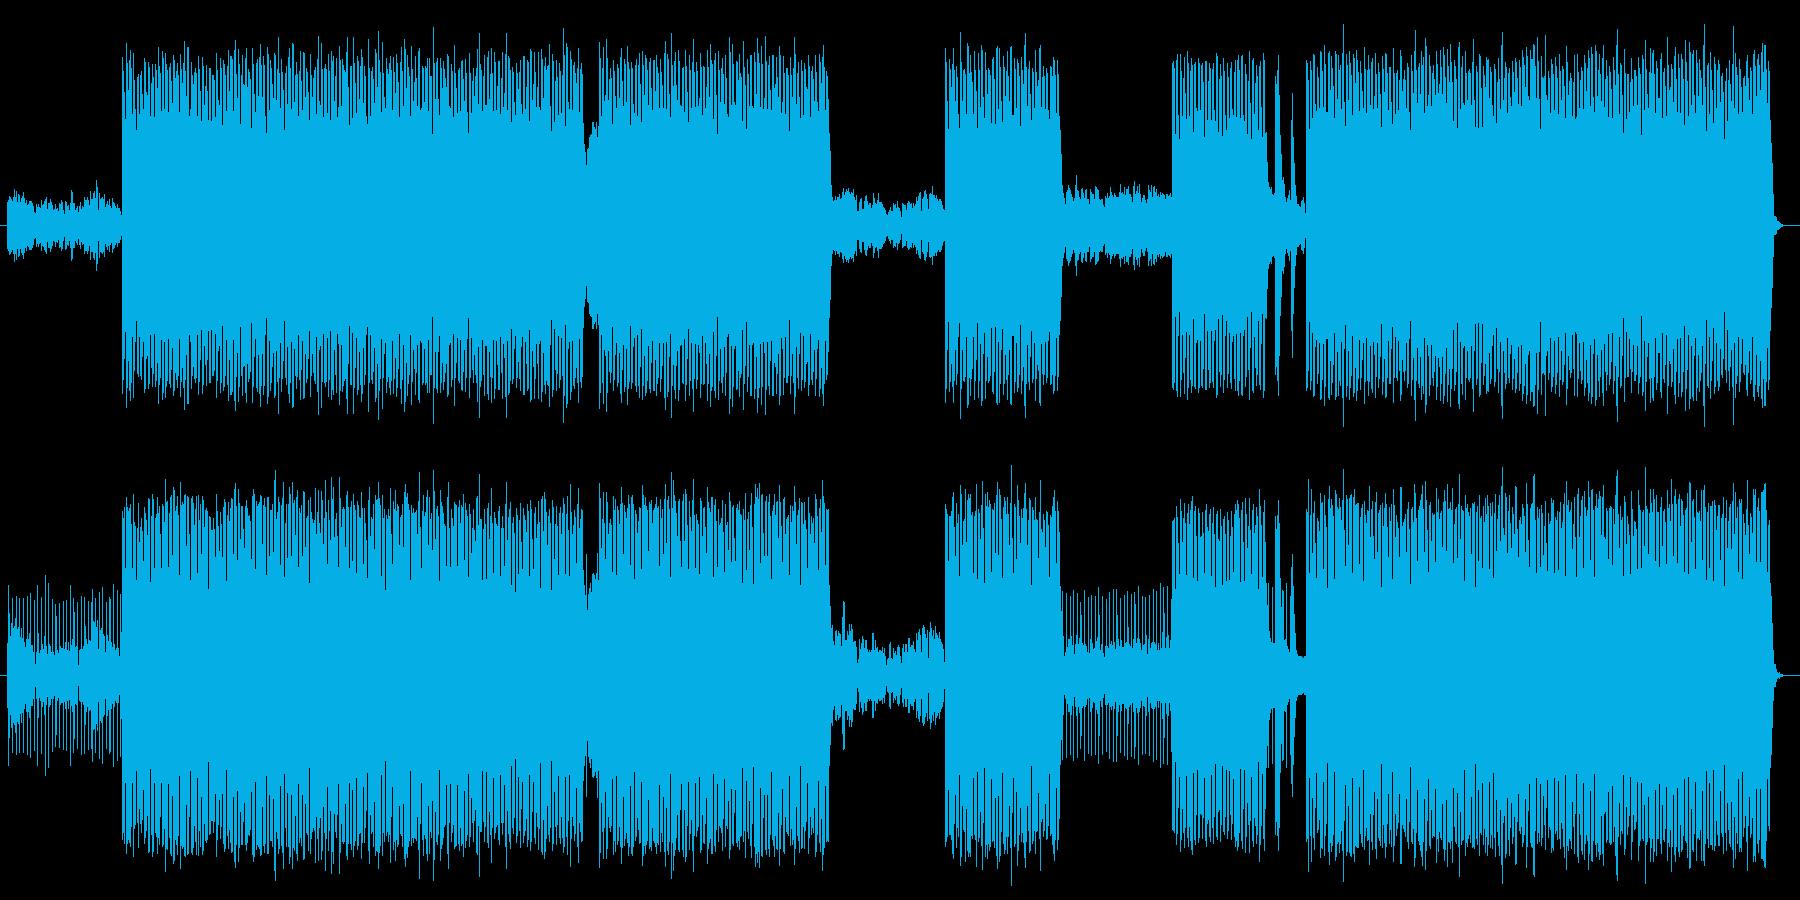 Strykerの再生済みの波形